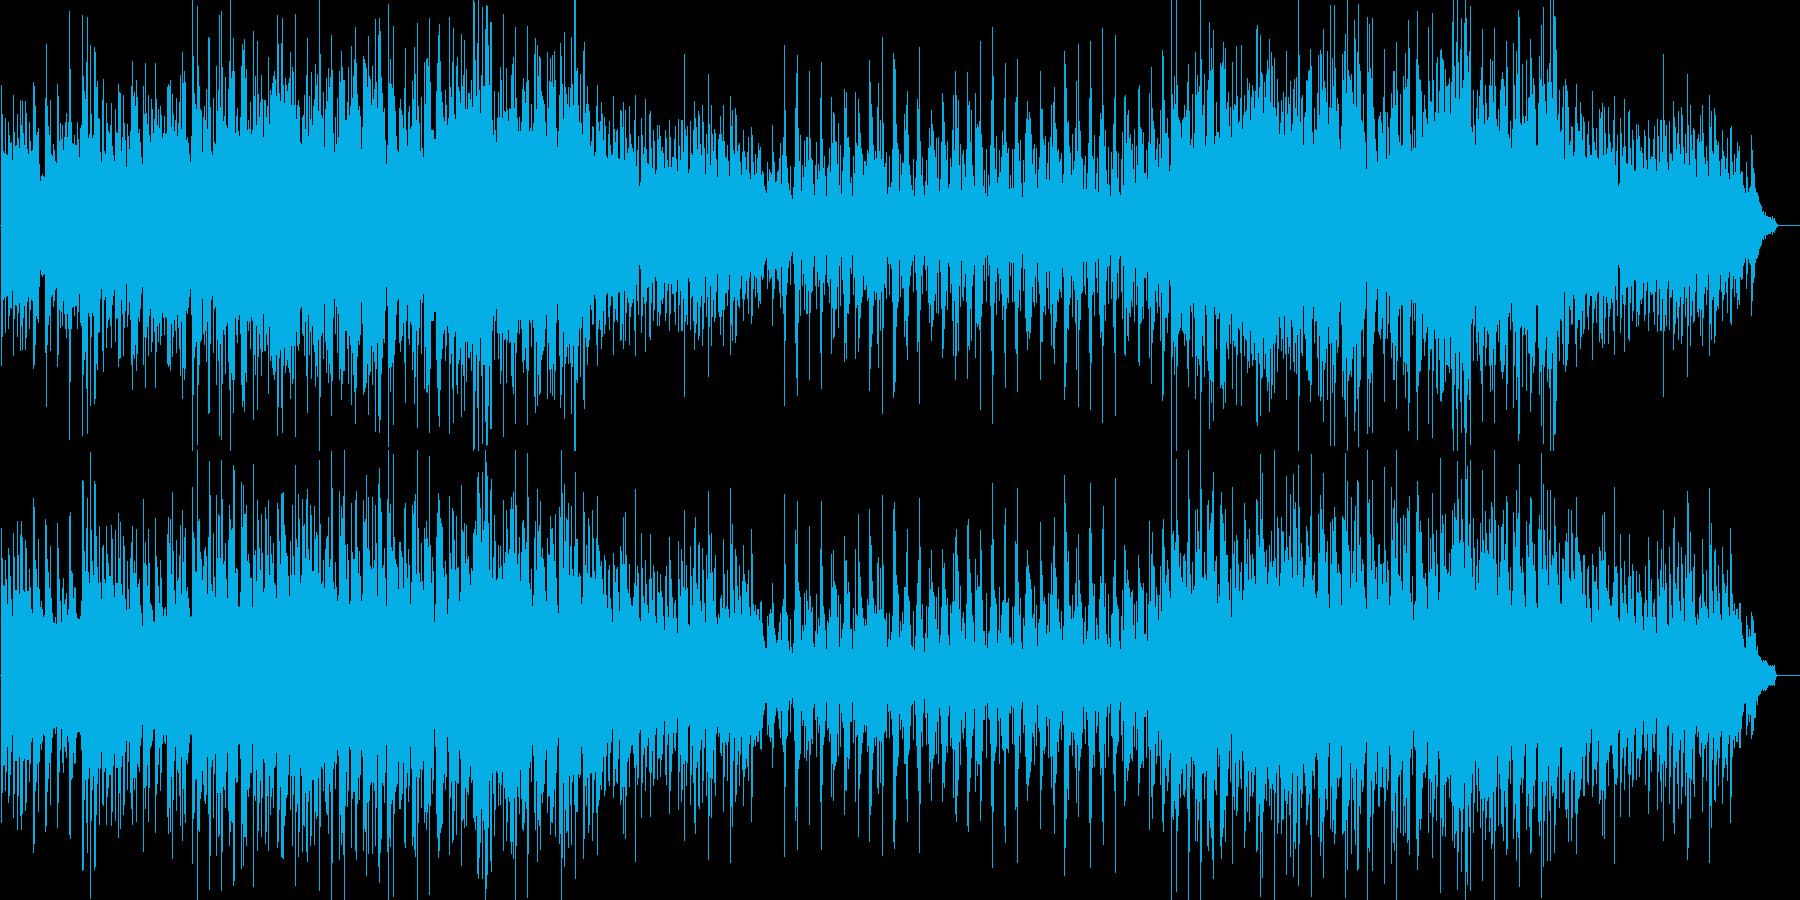 北欧系の壮大な五拍子ジャズ(ソロなし版)の再生済みの波形